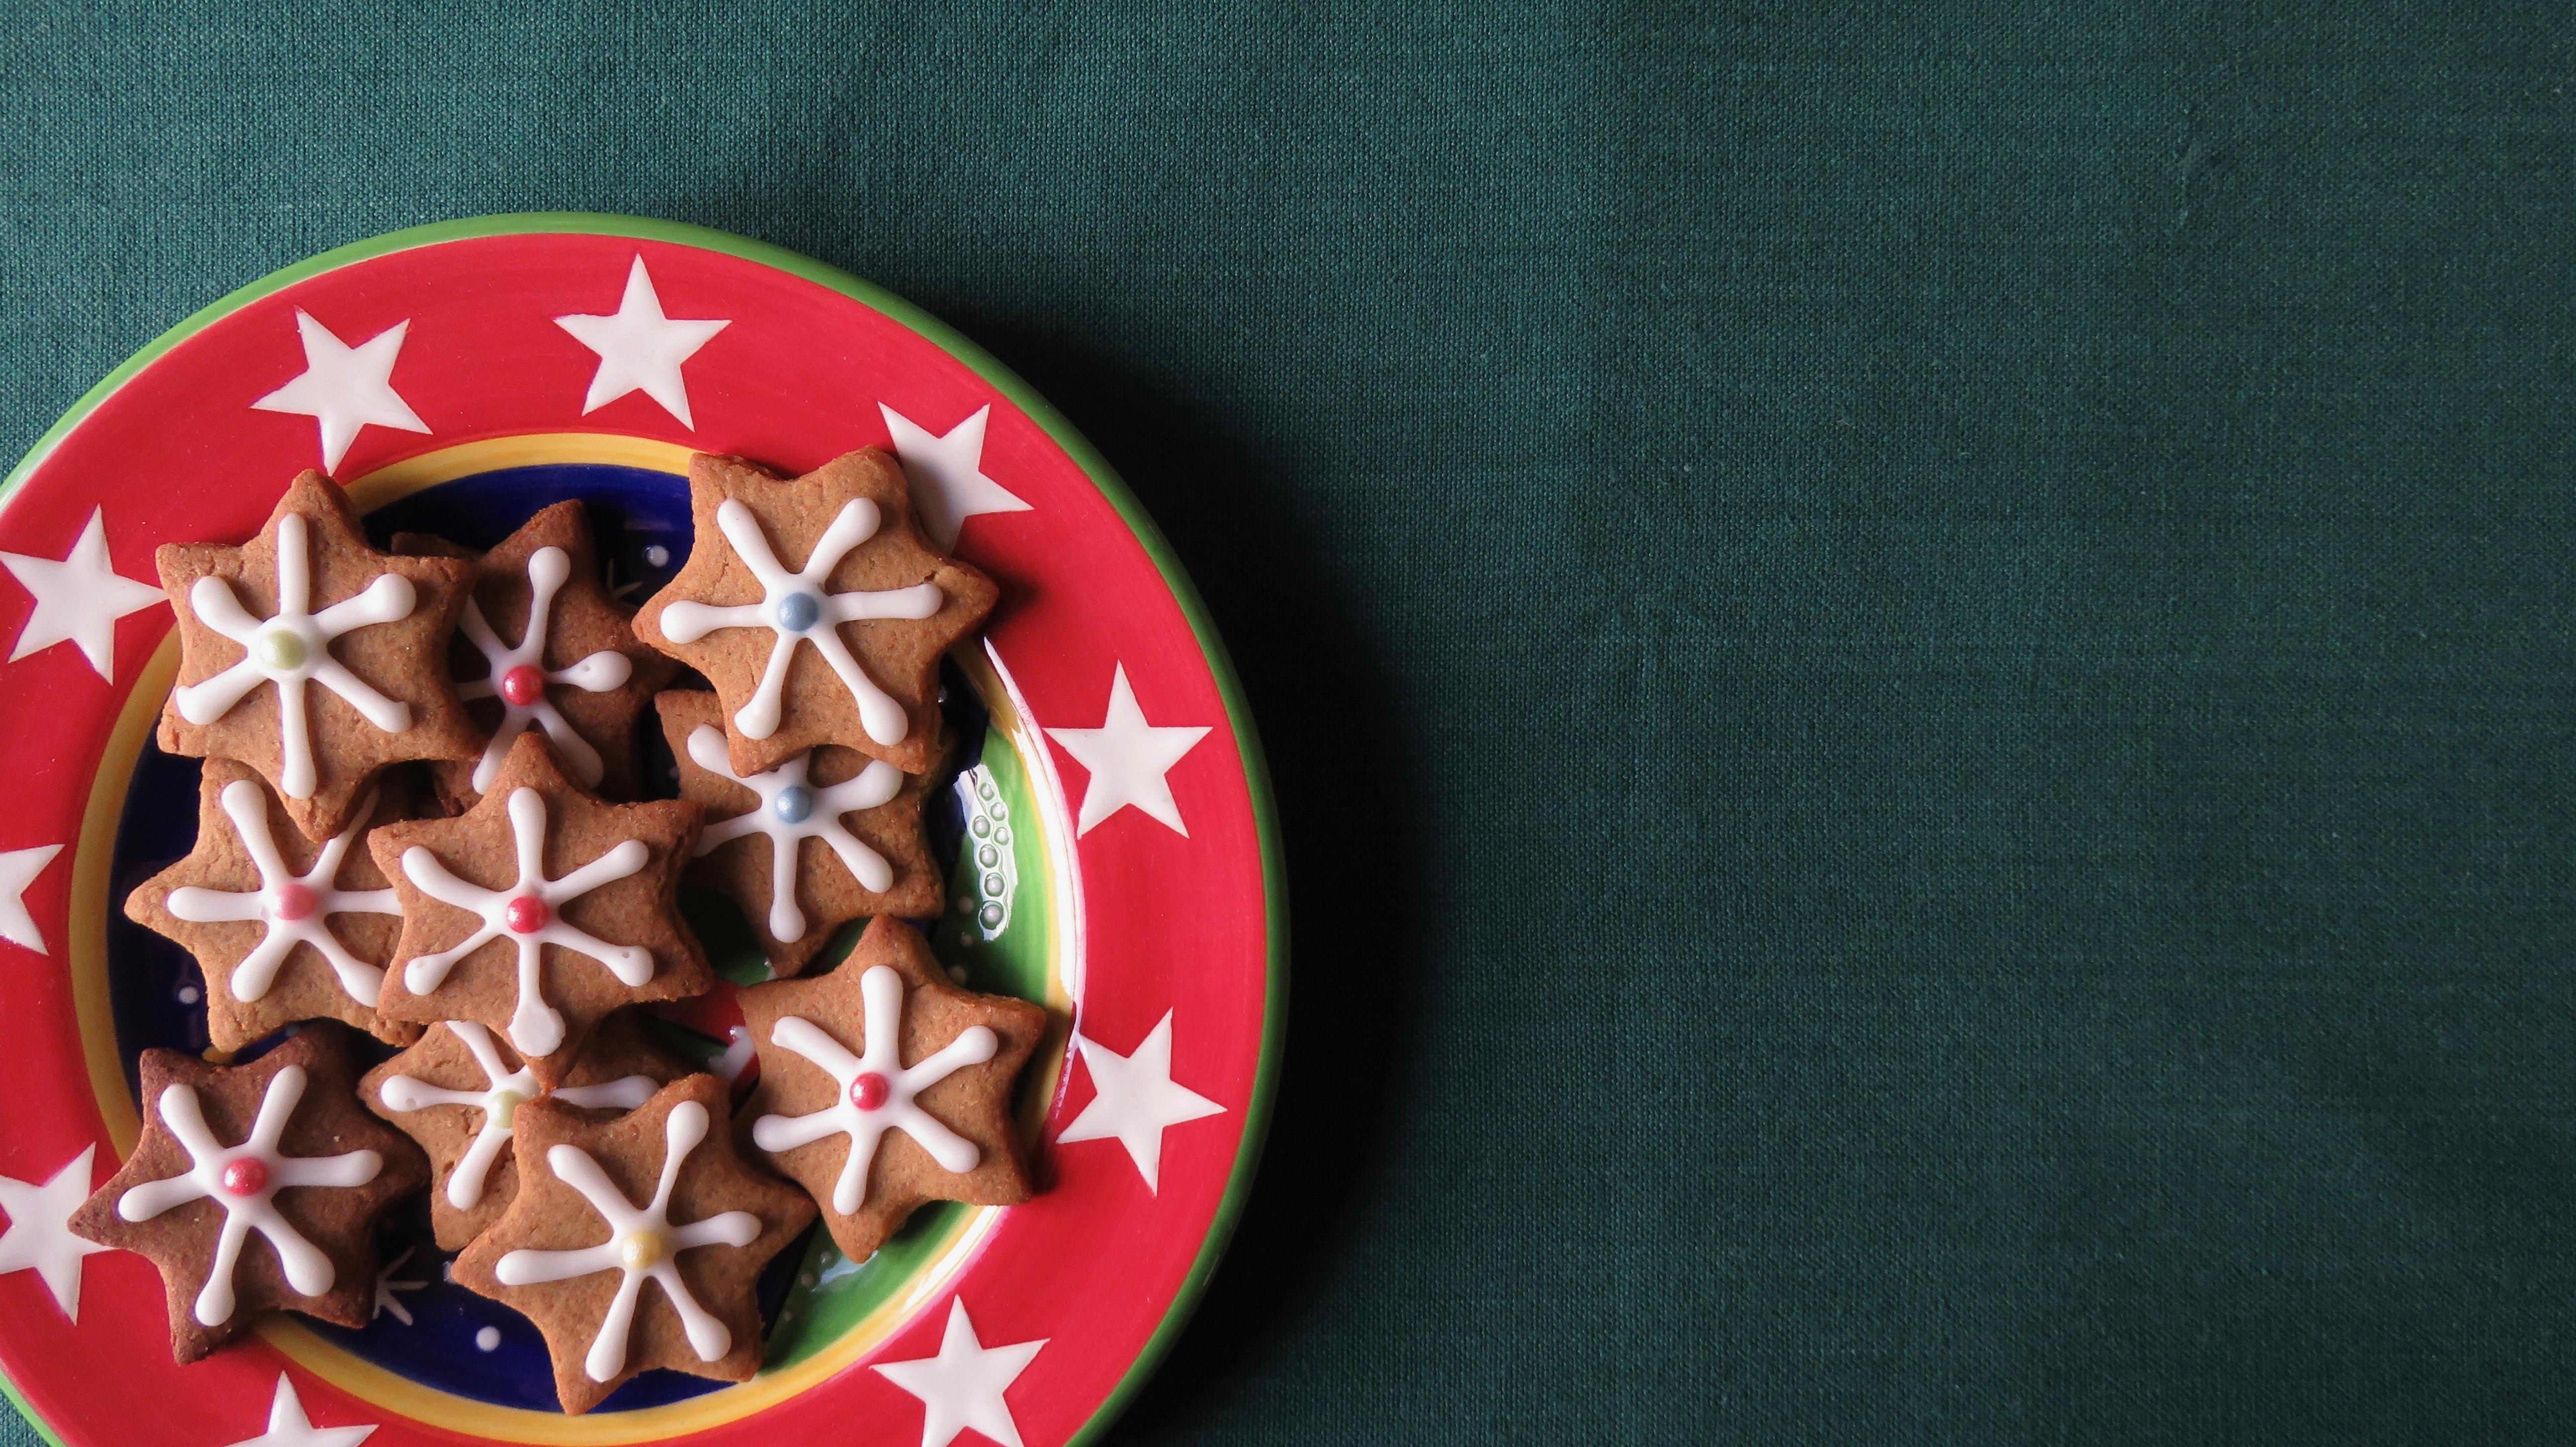 Christmas Cookies Wallpaper.Christmas Cookies Hd Food 4k Wallpapers Images